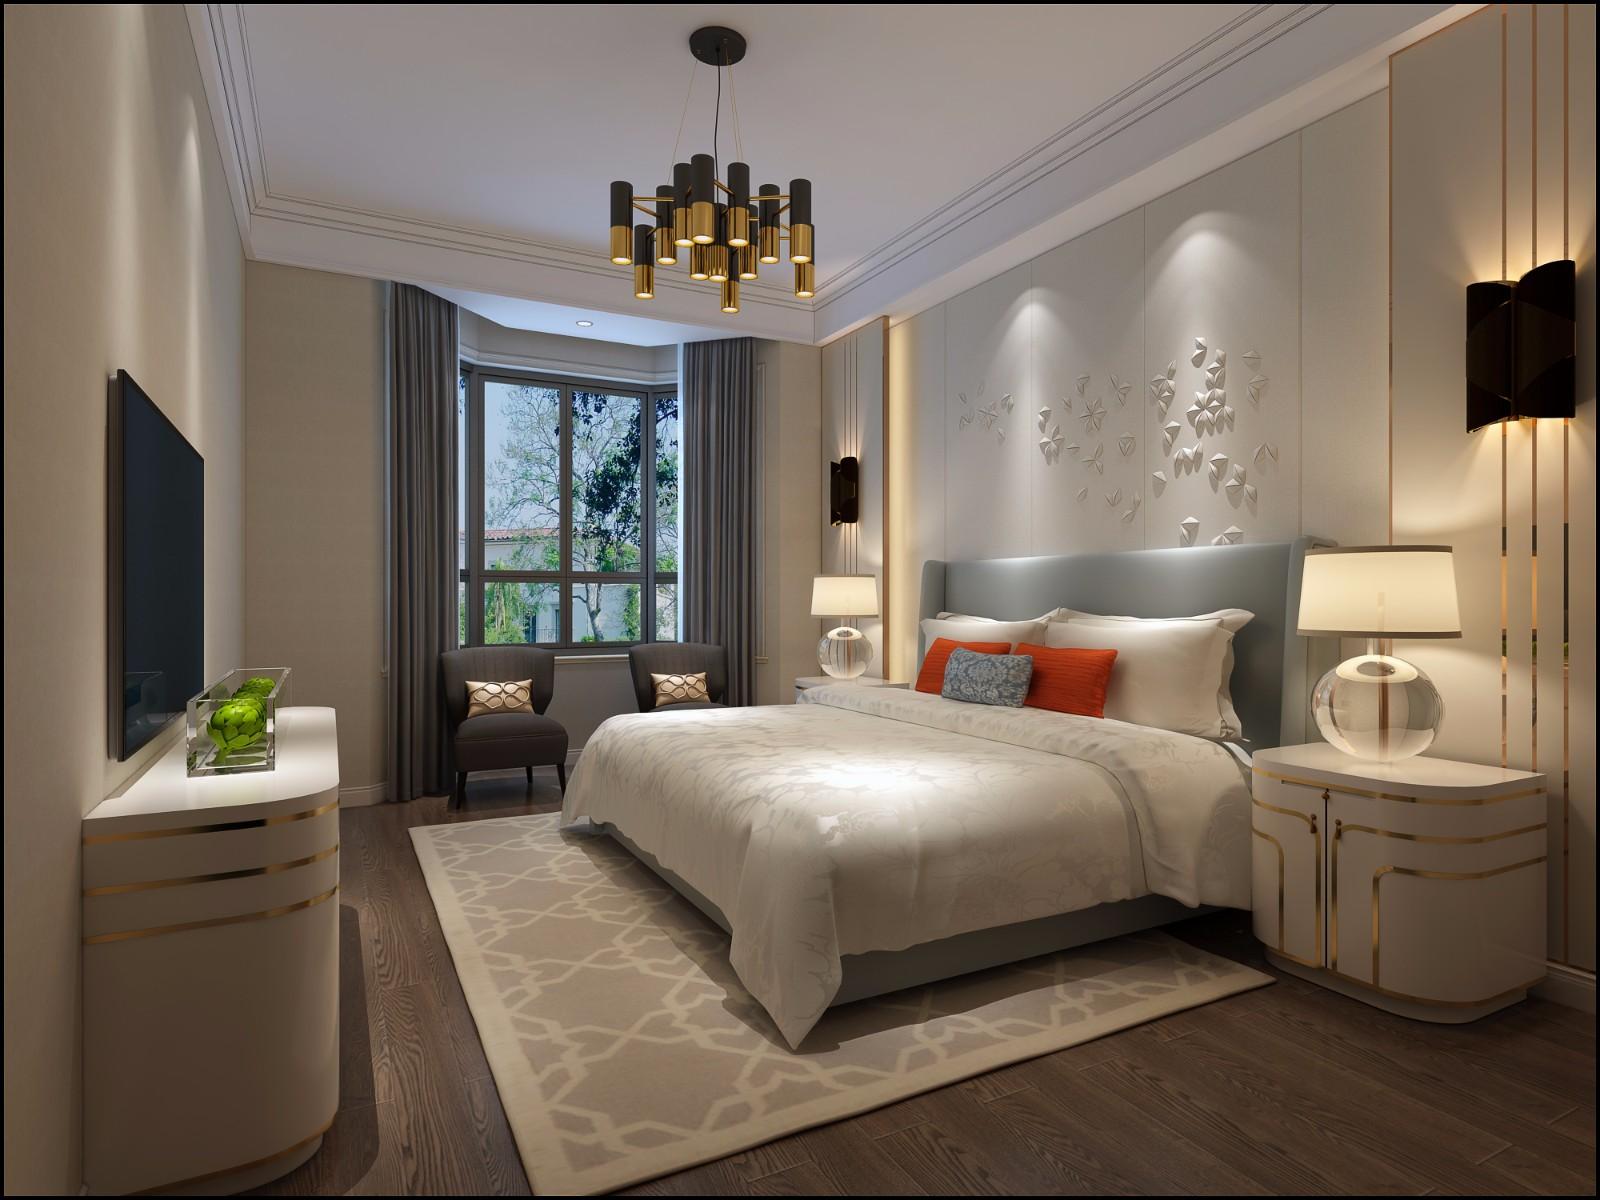 2019現代300平米以上裝修效果圖片 2019現代別墅裝飾設計